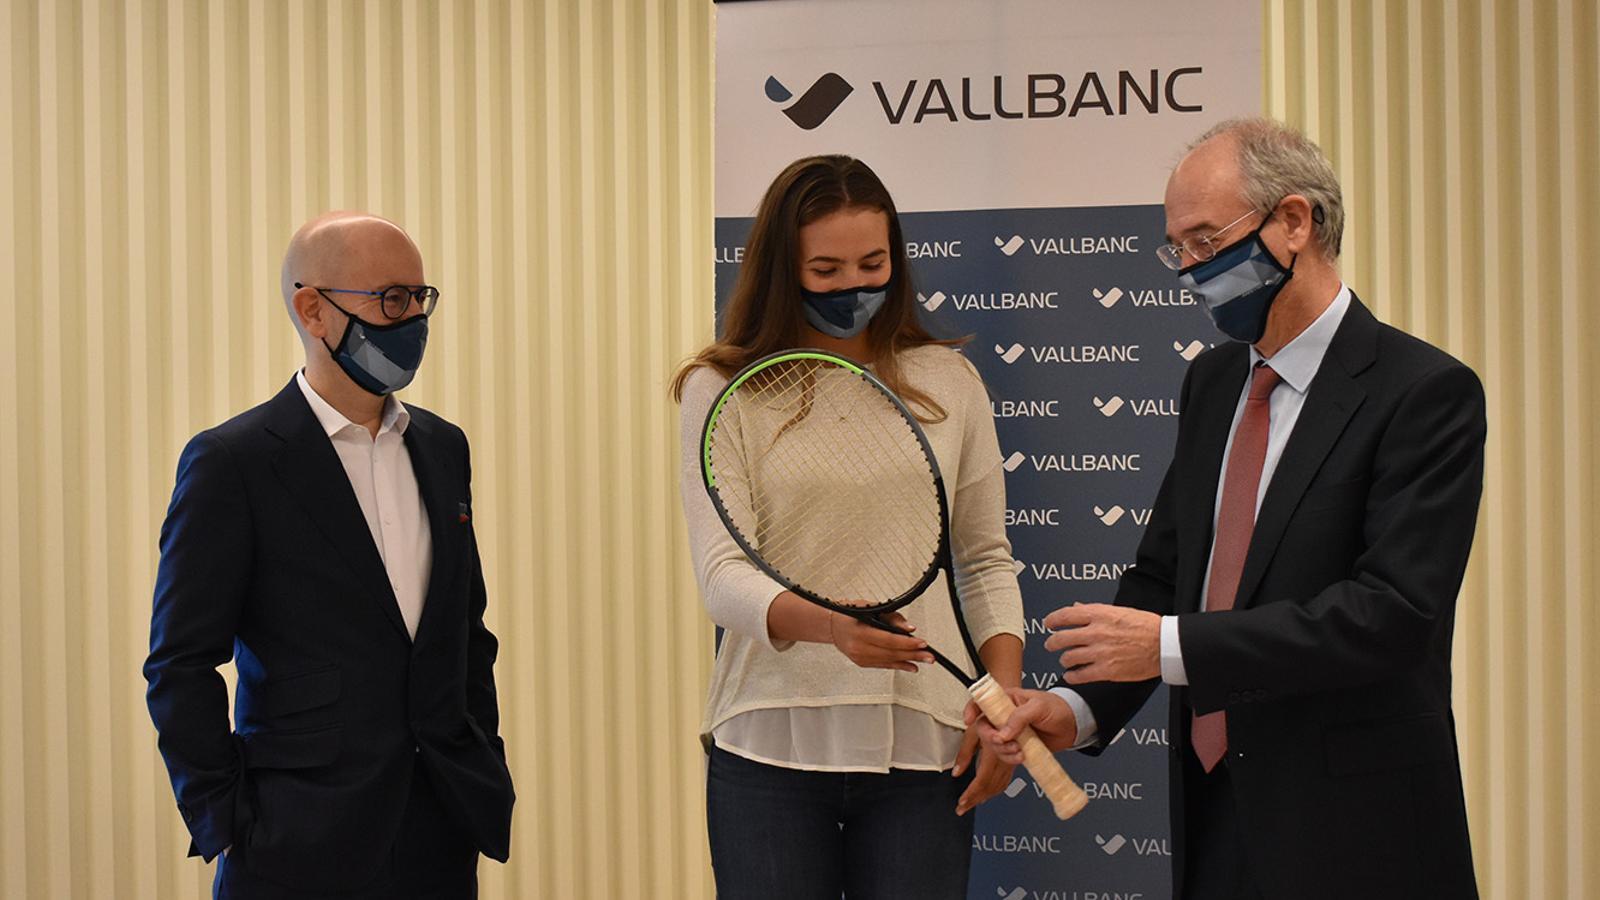 La tenista Vicky Jiménez, al centre, acompanyada dels directius del banc, aquest dilluns. / M. F.